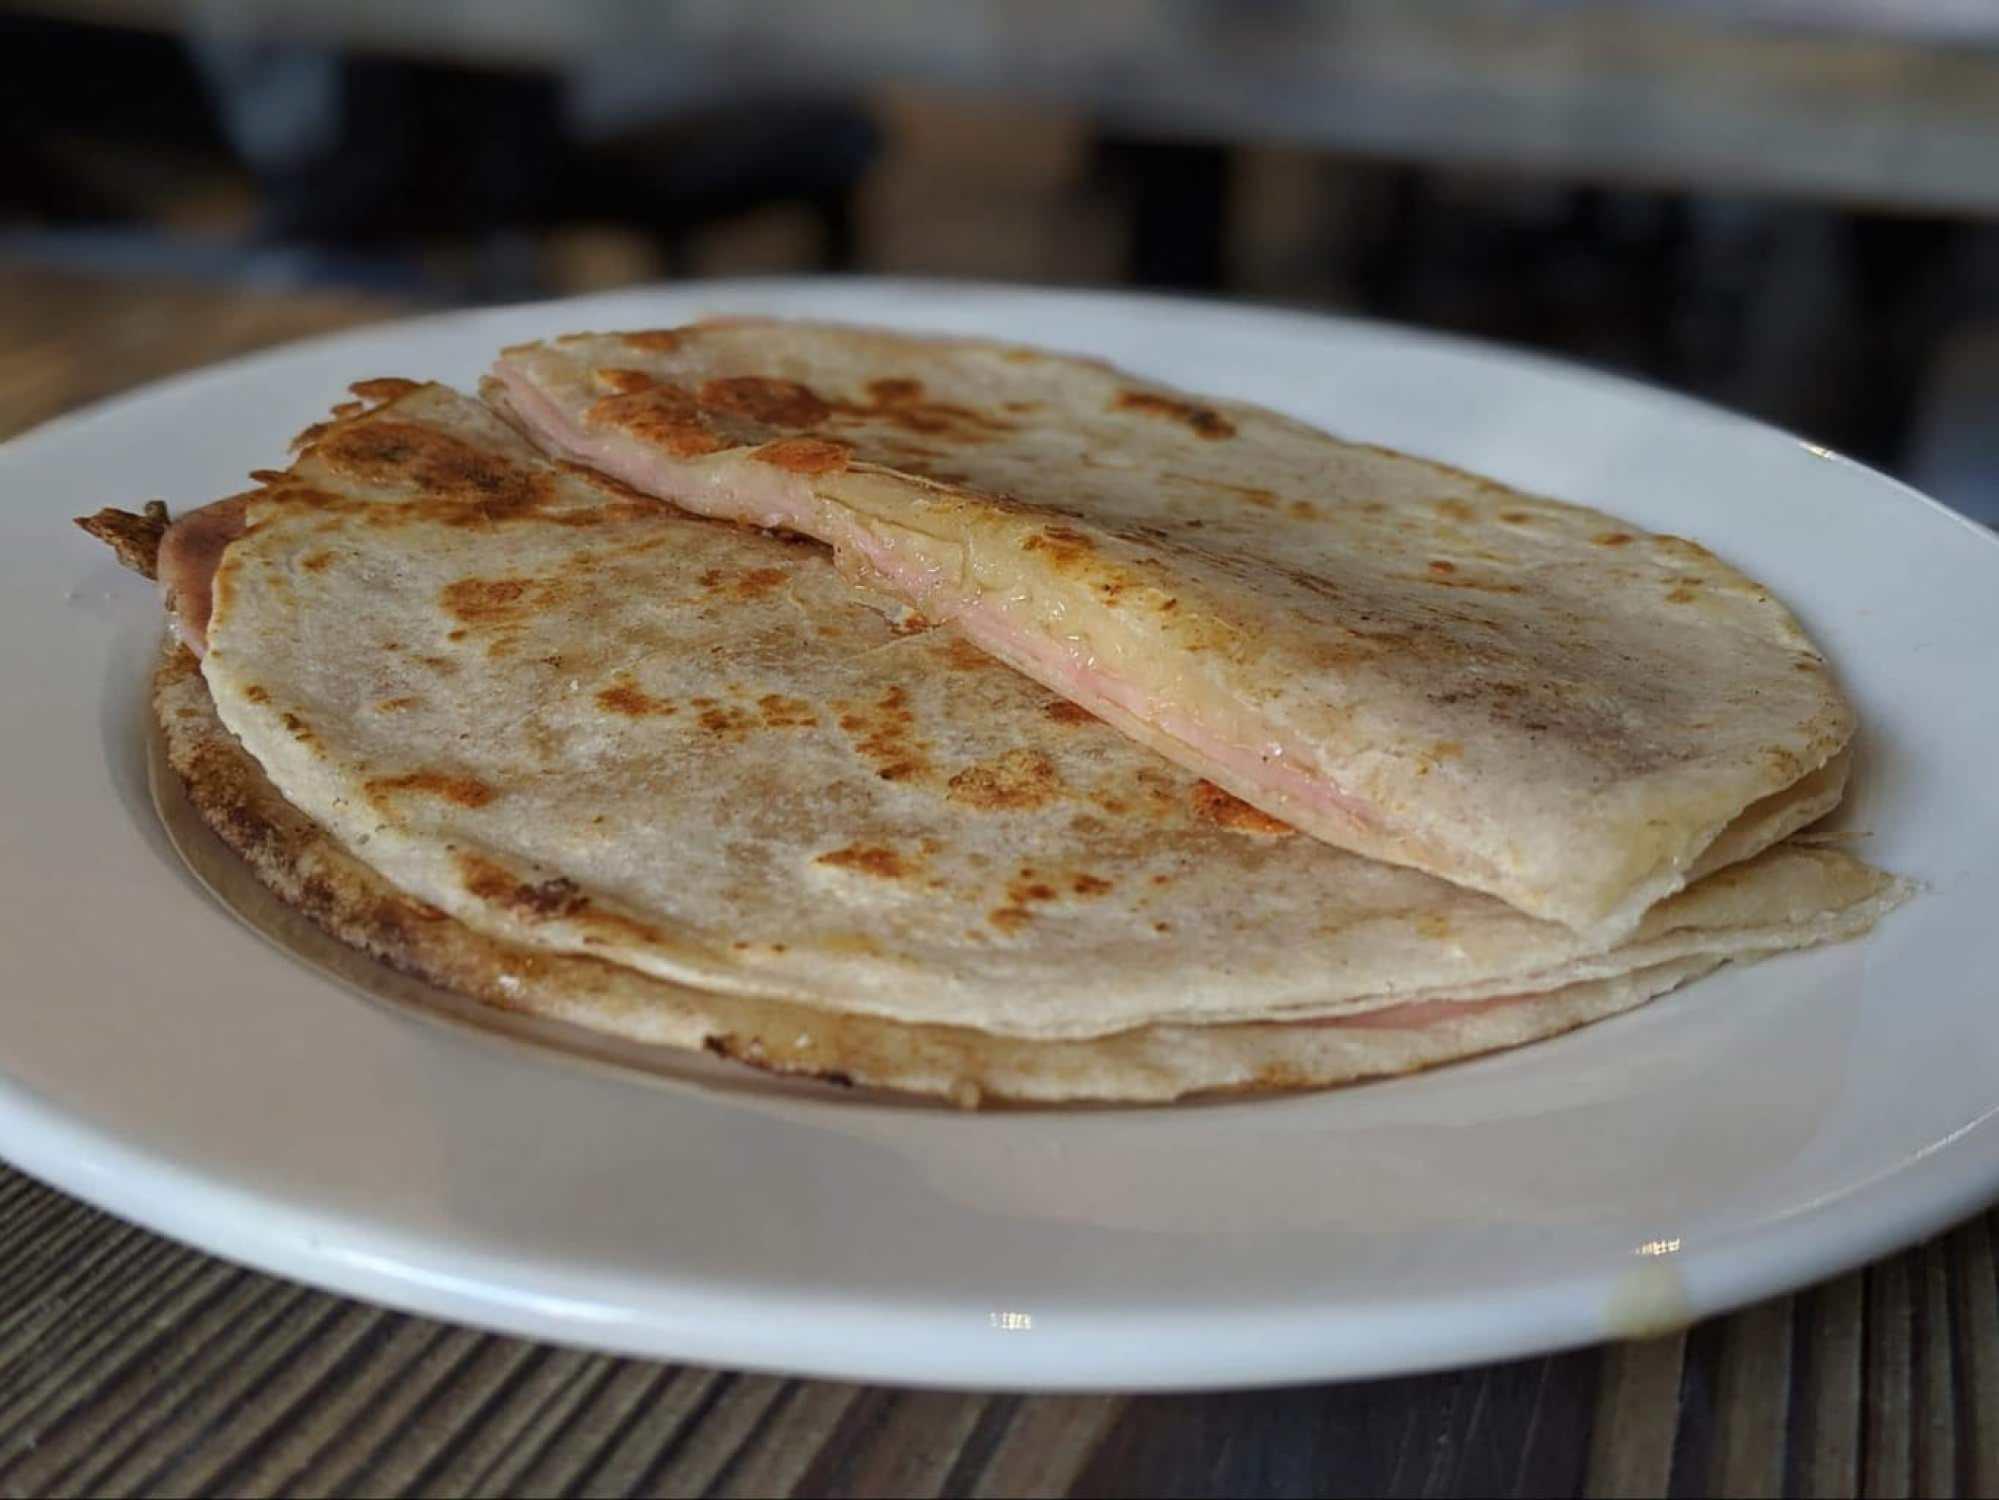 Sincronizadas are breakfast quesadillas